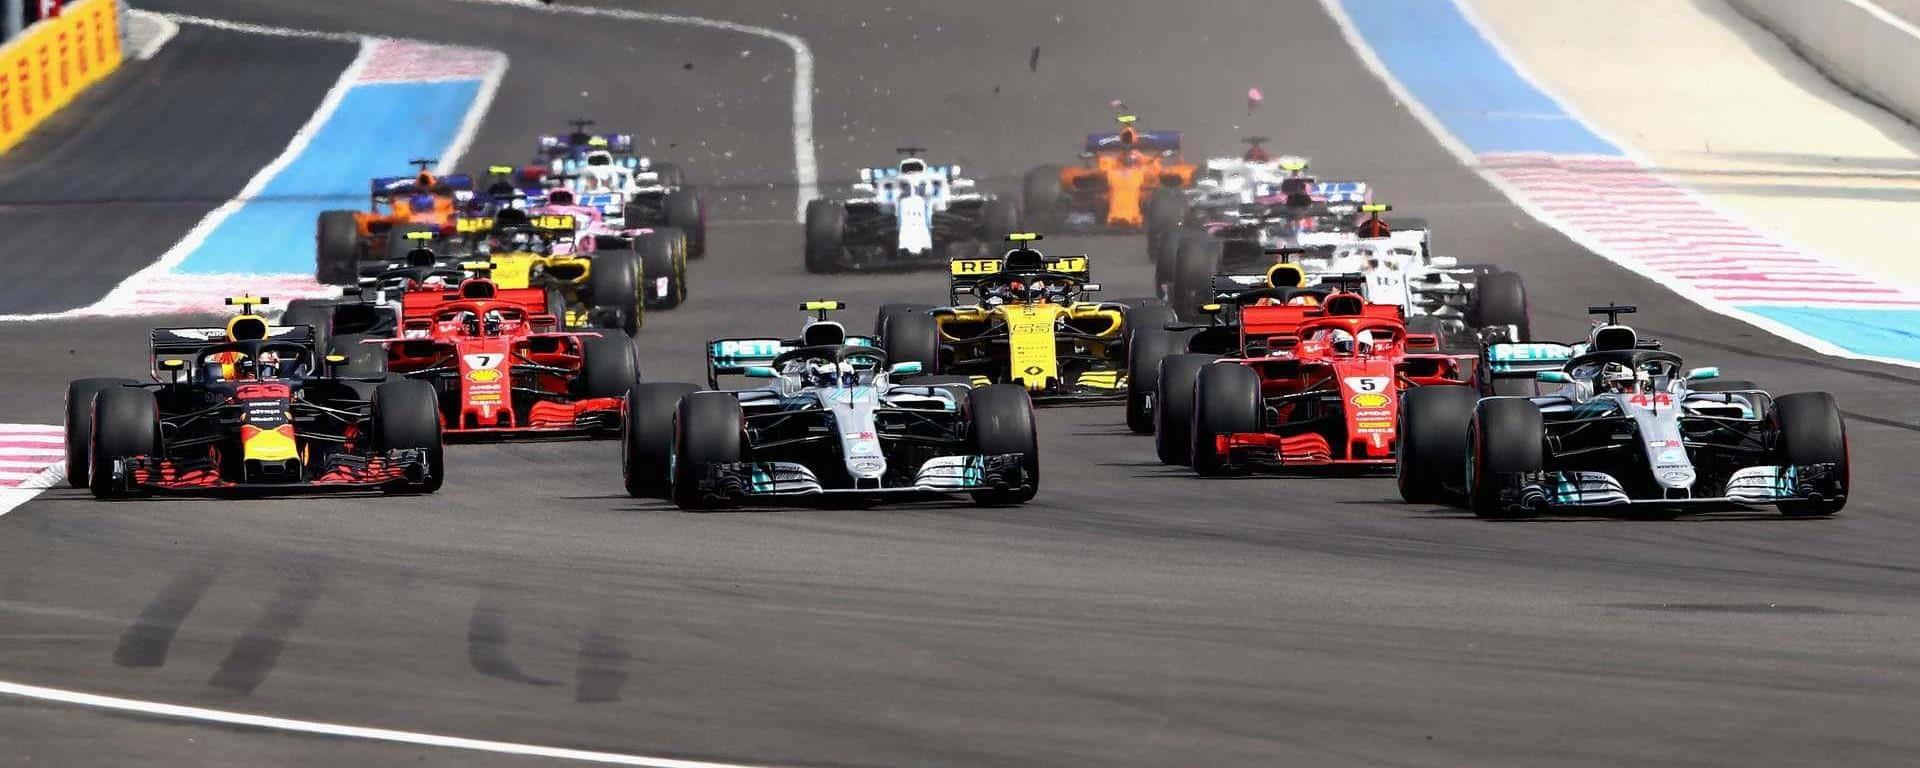 Le quote antepost per il campionato mondiale di Formula 1 2019